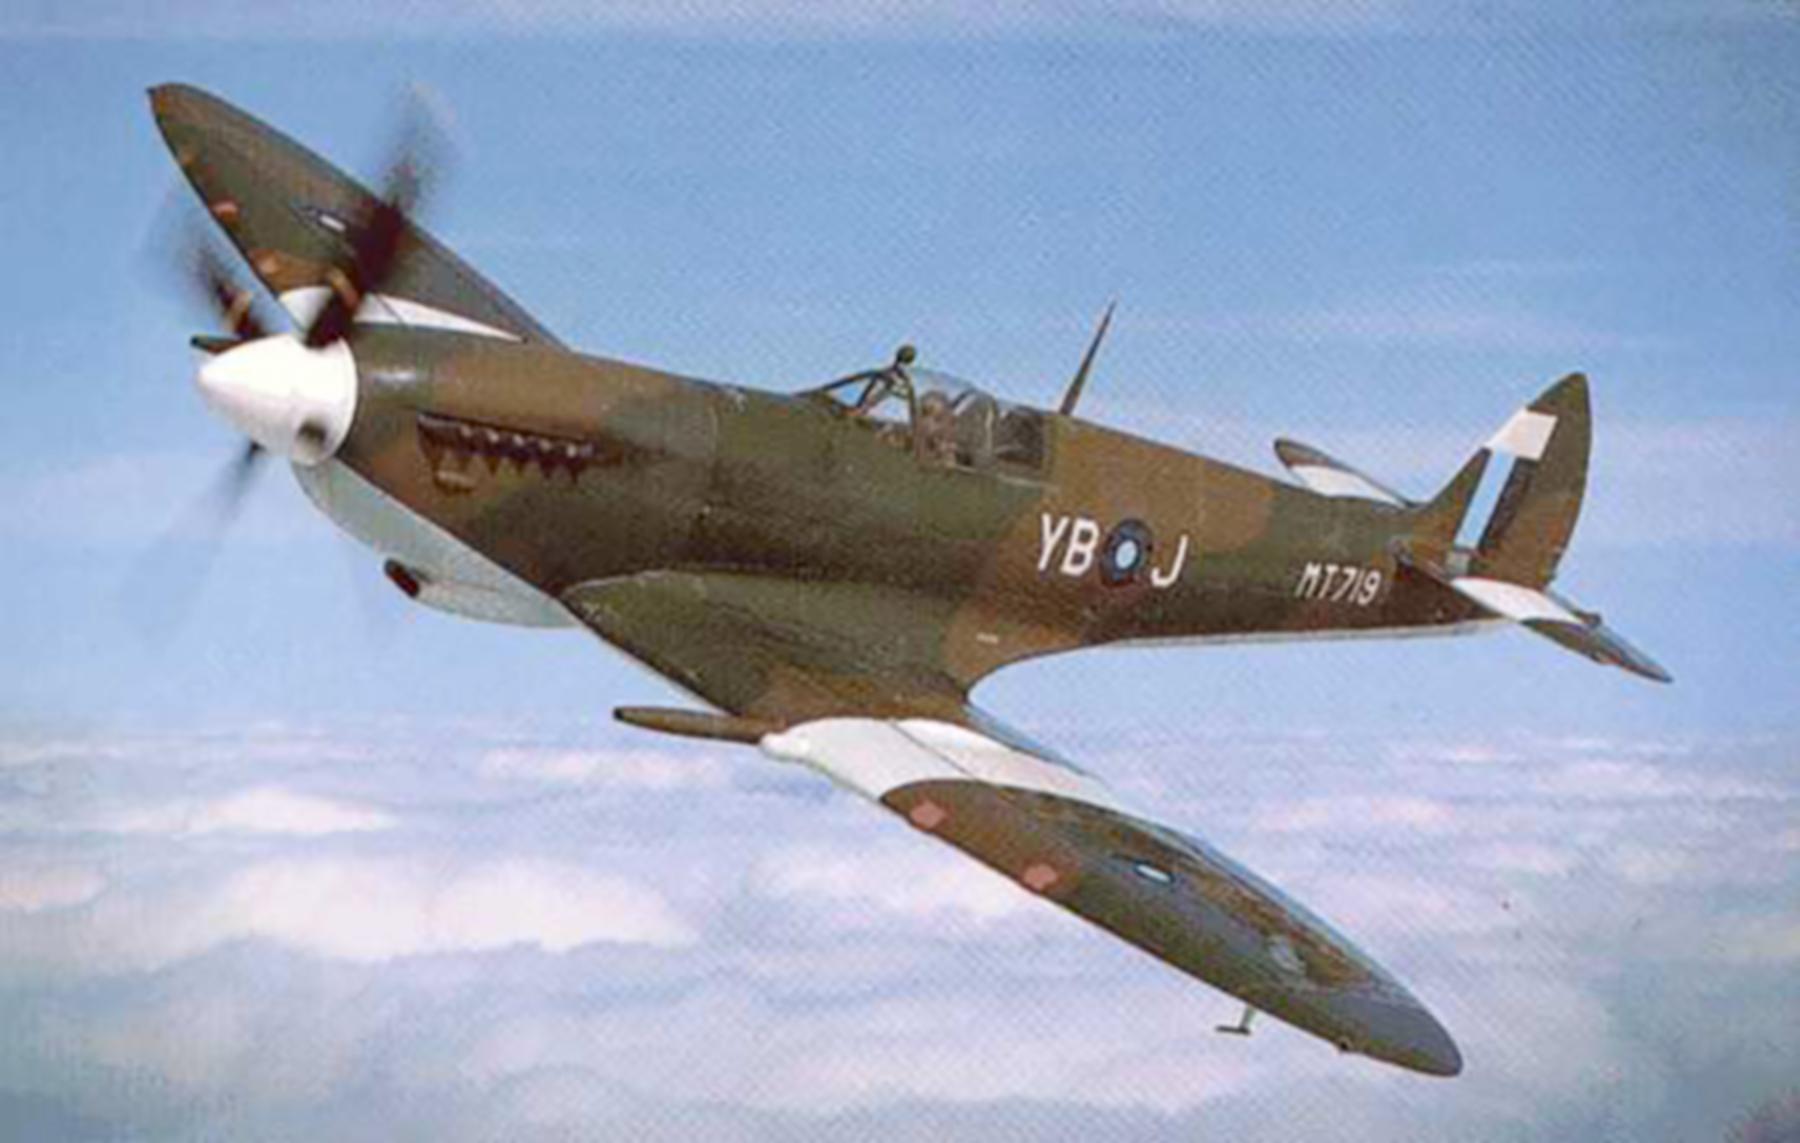 Airworthy Spitfire warbird RAF 17Sqn YBJ MT719 01